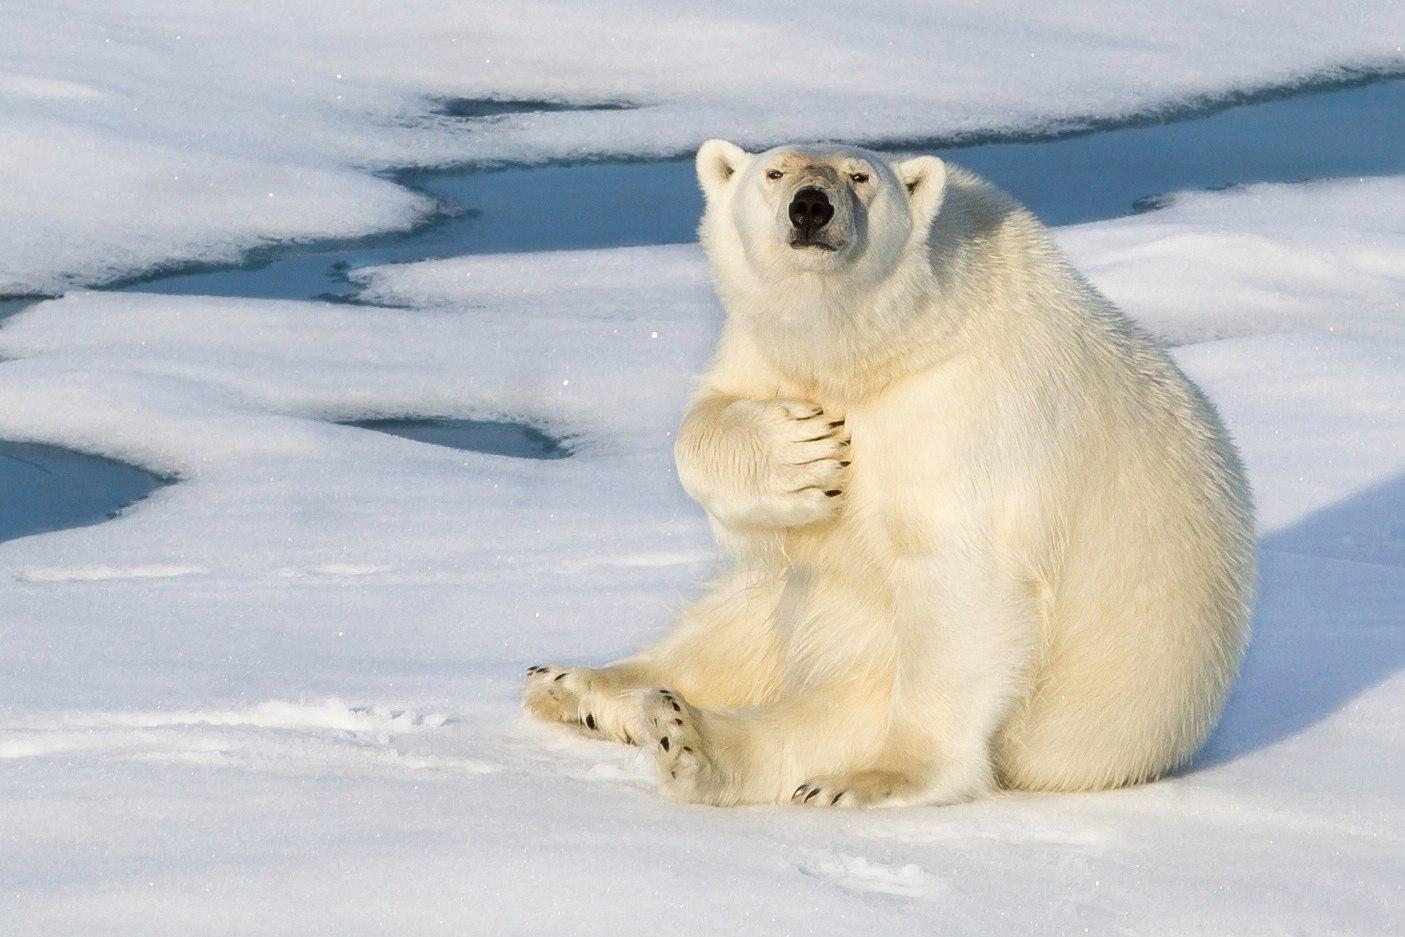 День полярного медведя. Посидим, поговорим по душам